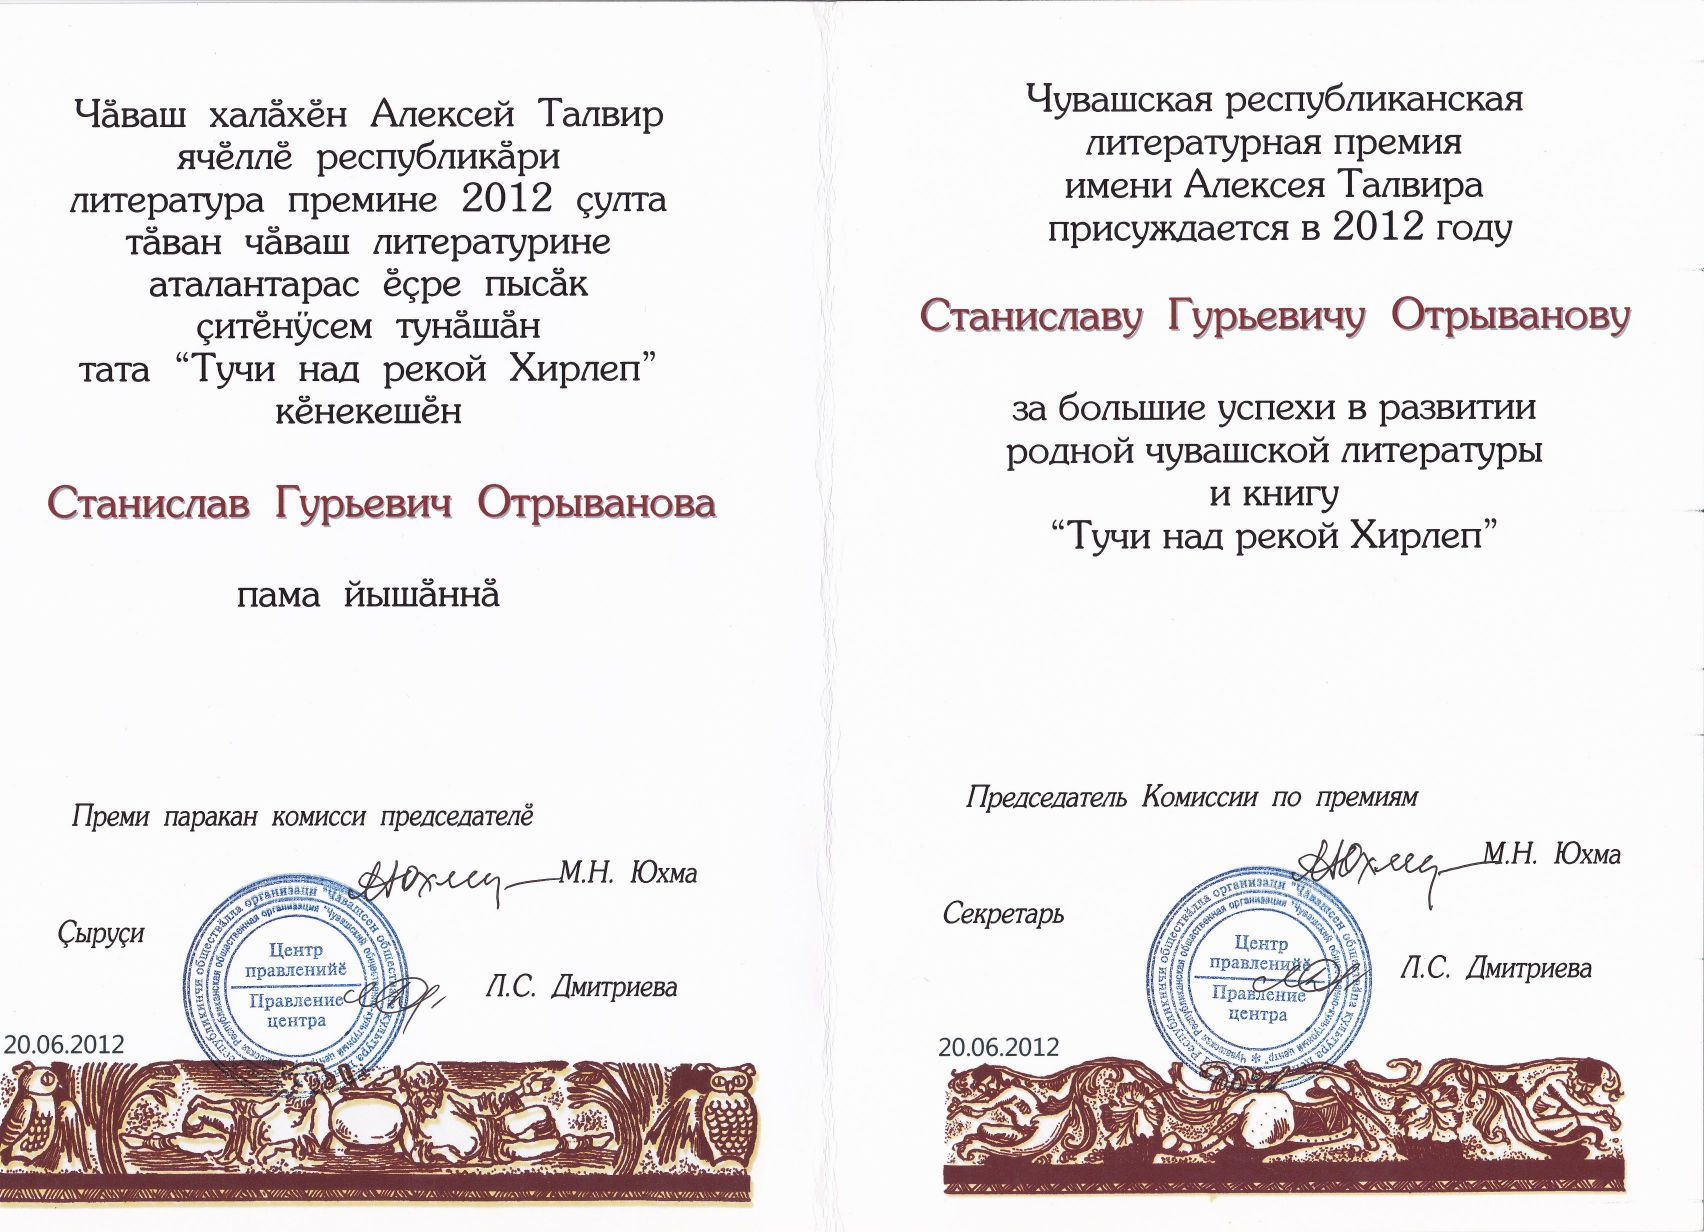 Литературная премия имени Алексея Талвира, 2012